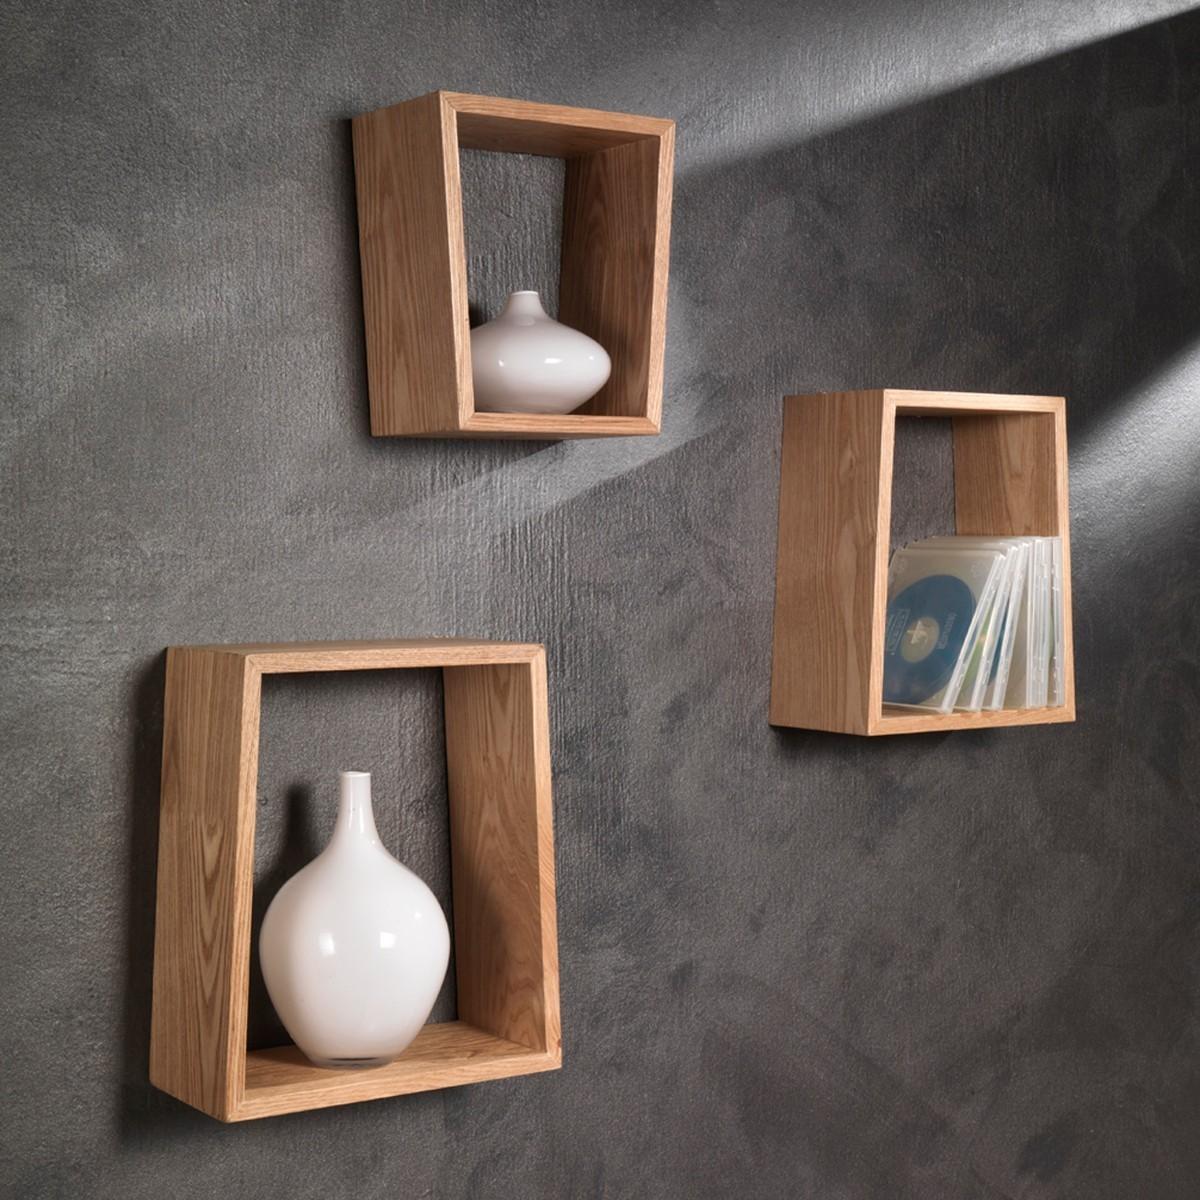 Arredamento Mensole A Parete.Set Di Tre Mensole Brenda A Muro In Legno Naturale